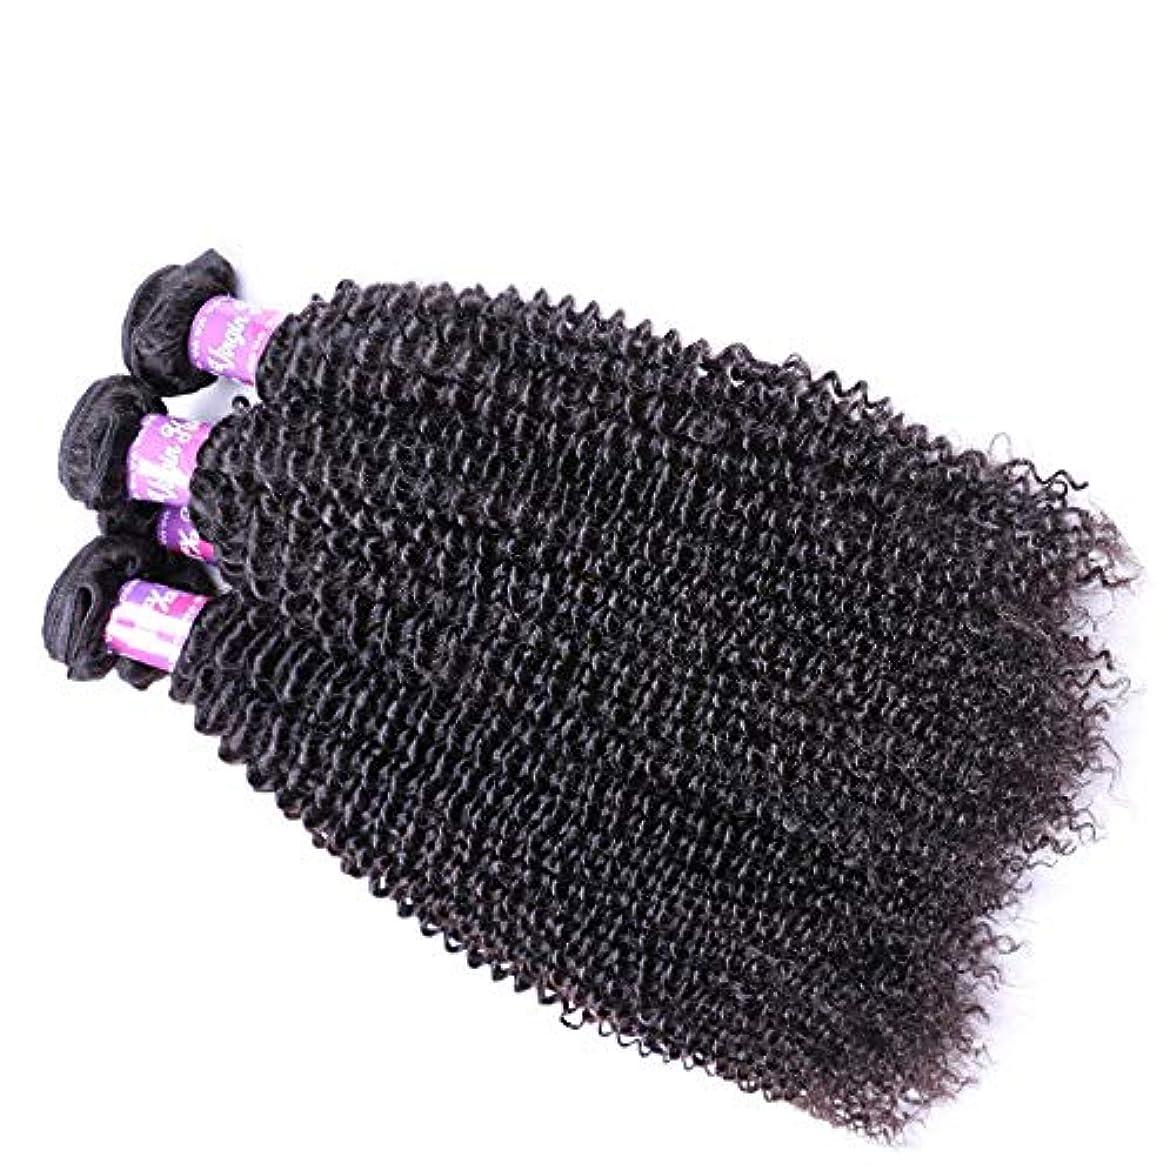 ハチ借りているトランジスタSRY-Wigファッション ヨーロッパとアメリカの黒人女性のための長い巻き毛の波状の黒い色の高温合成ウィッグ130%密度のかつら (Color : ブラック, Size : 16inch)